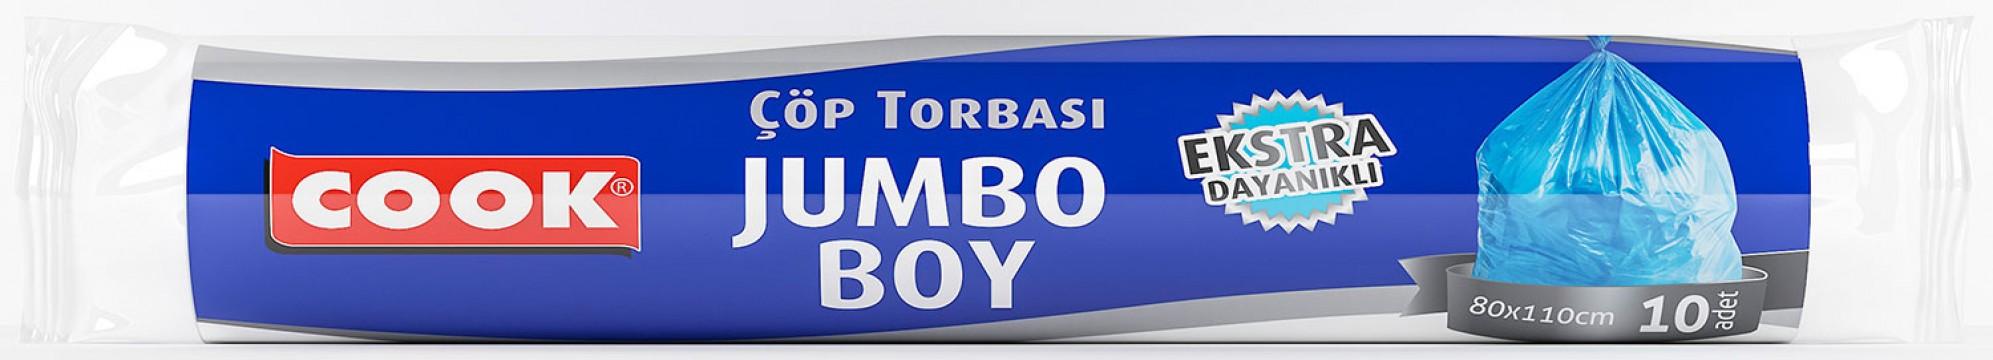 Cook Çöp Torbası 80x110 Cm Jumbo Extra 10'lu Çöp Poşeti